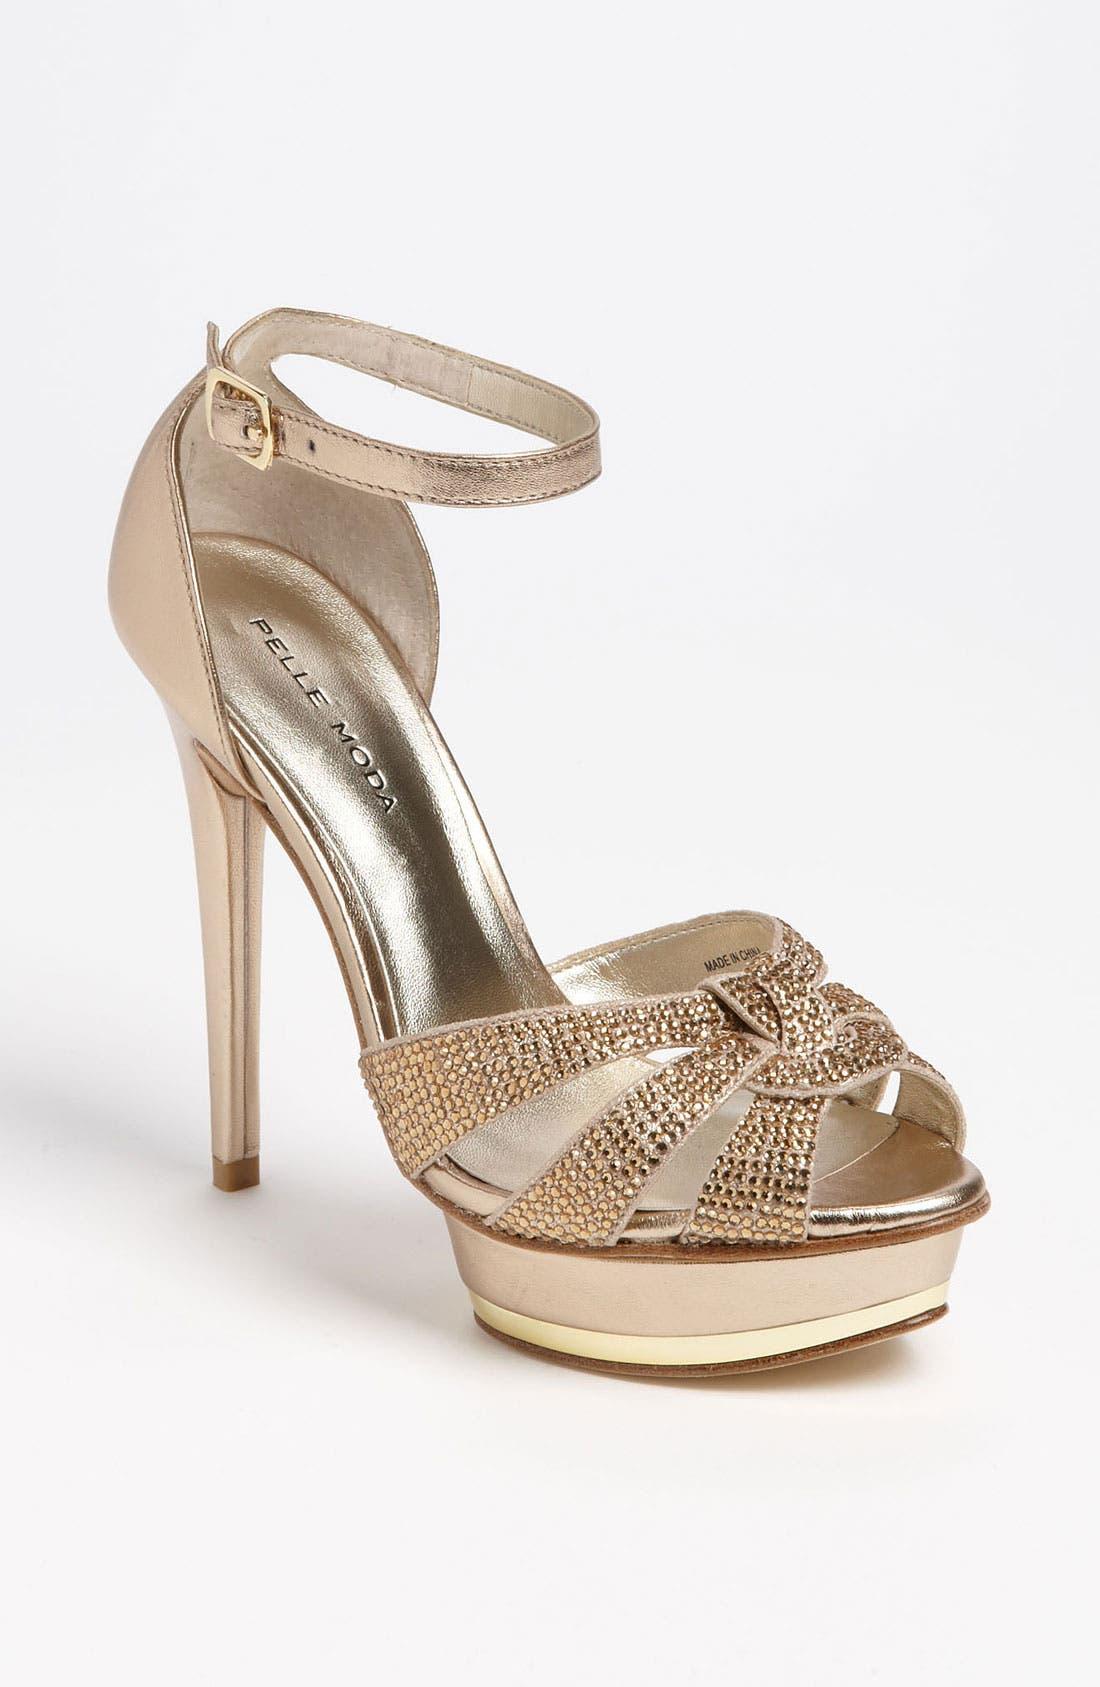 Alternate Image 1 Selected - Pelle Moda 'Ava' Sandal